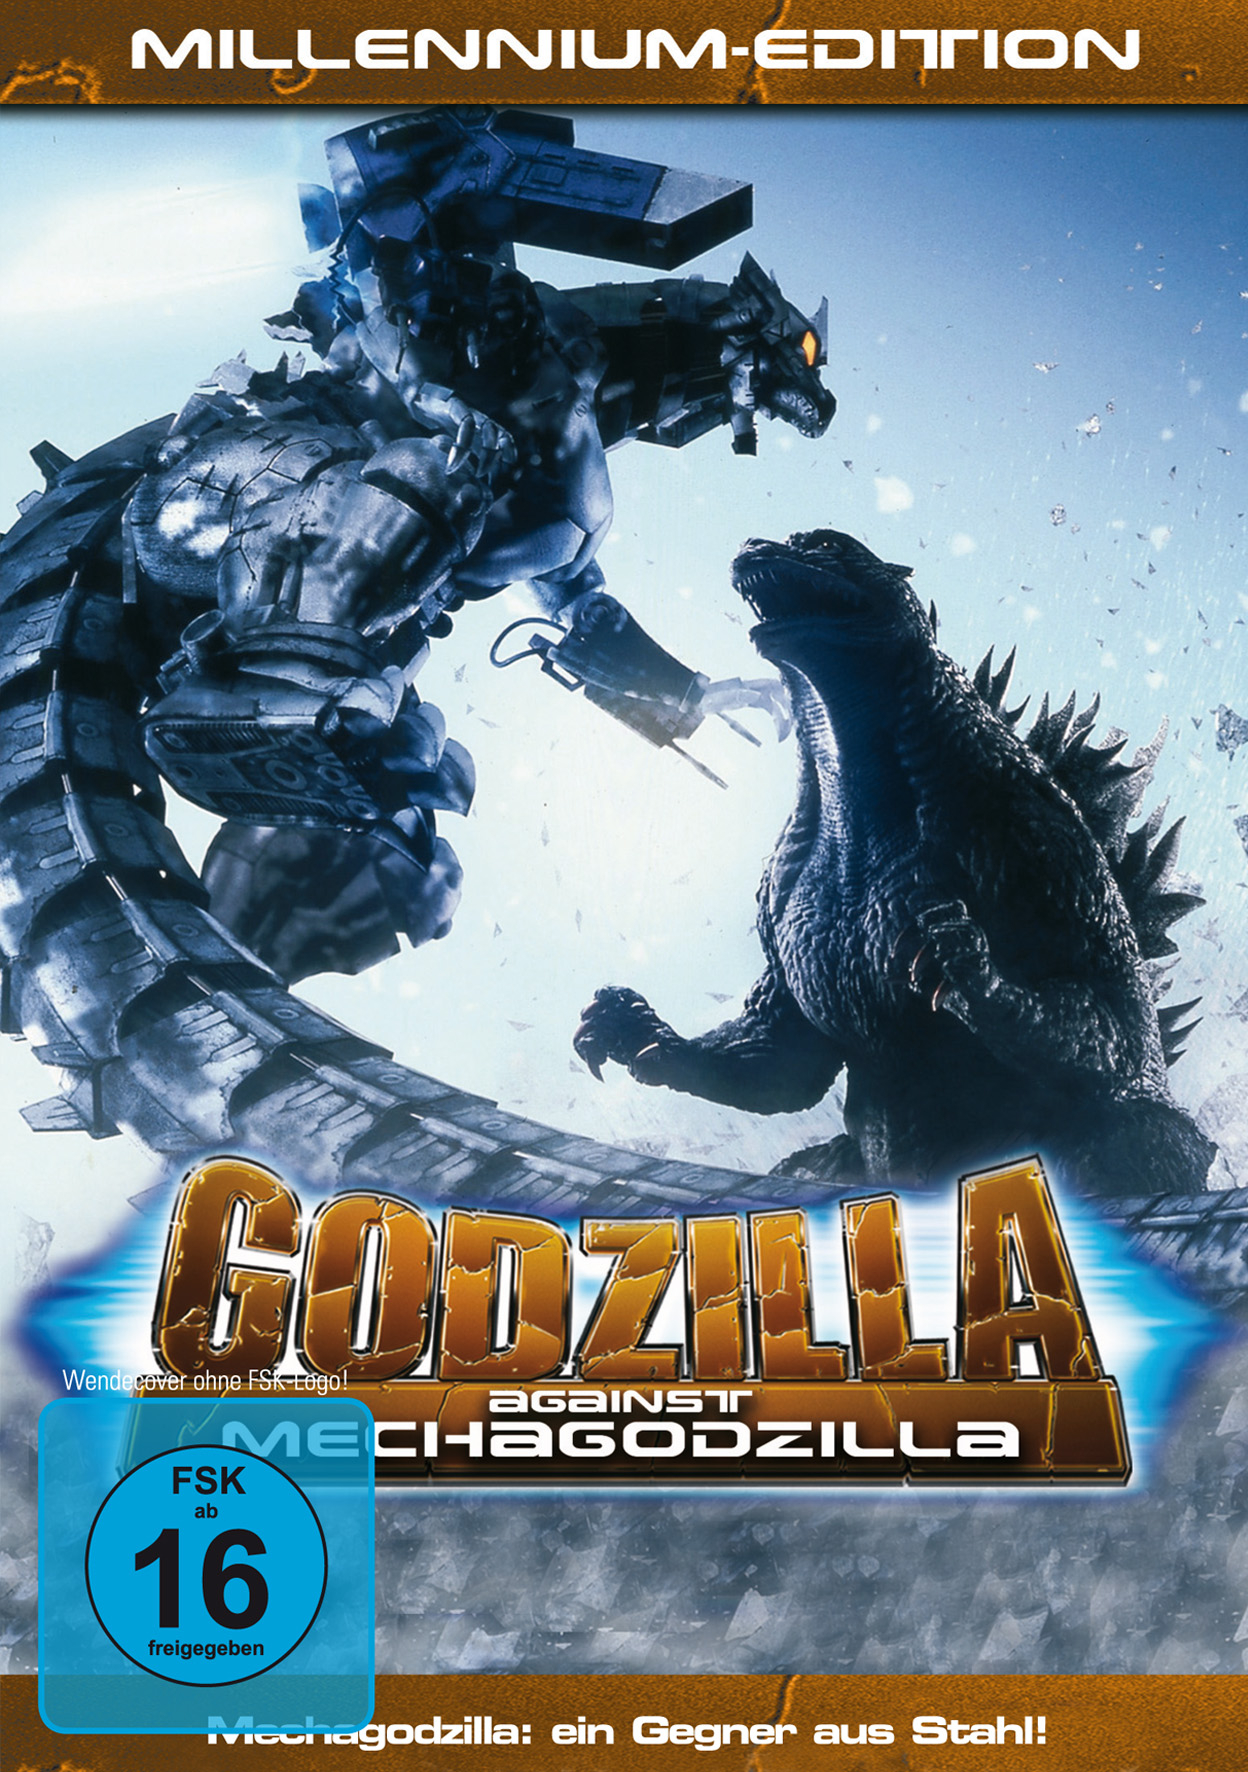 Godzilla Filme Reihenfolge